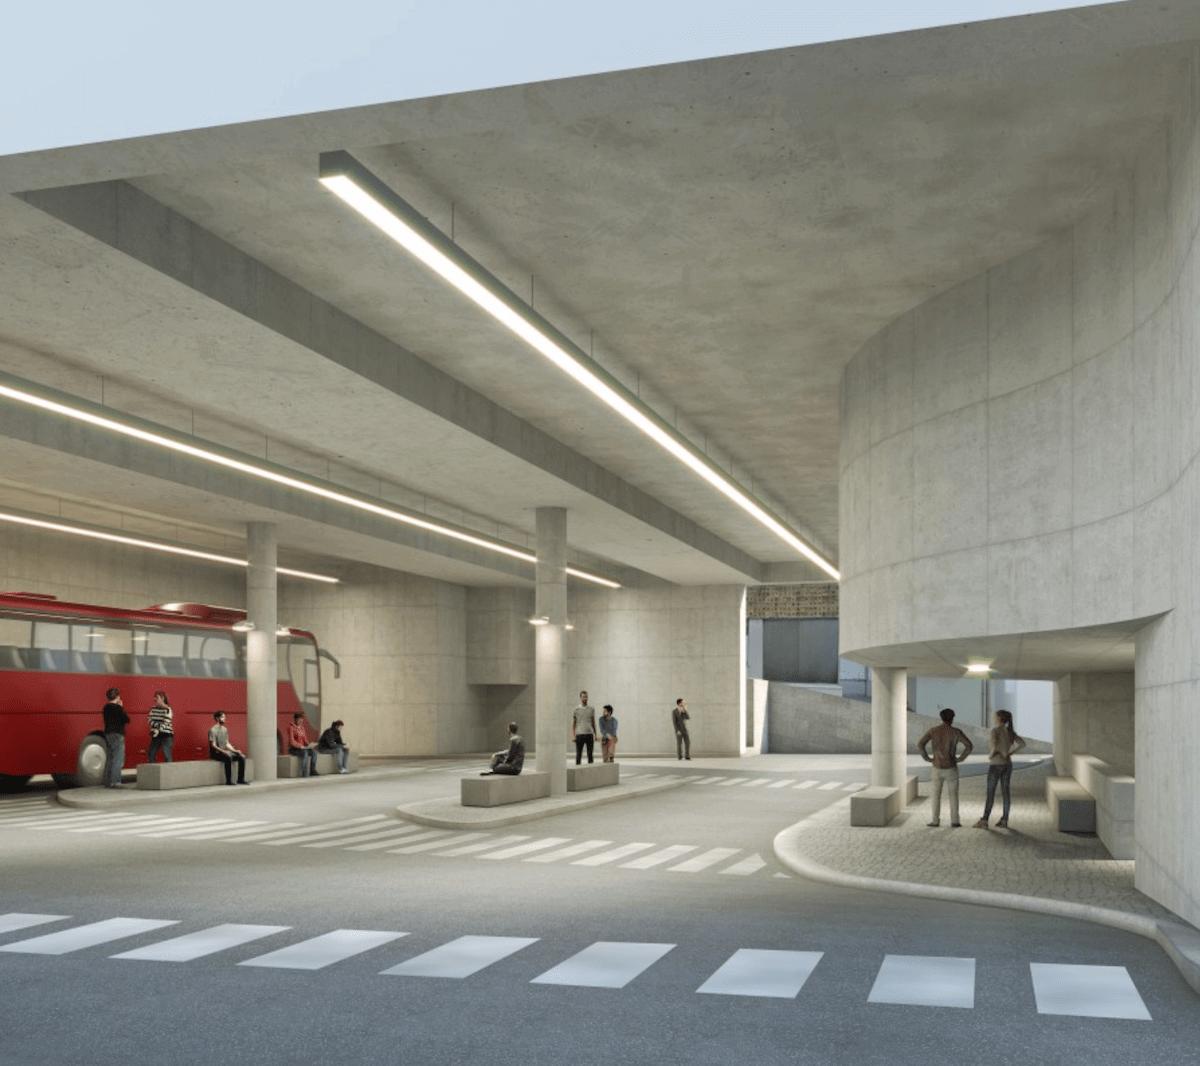 Estação Multimodal de Transportes